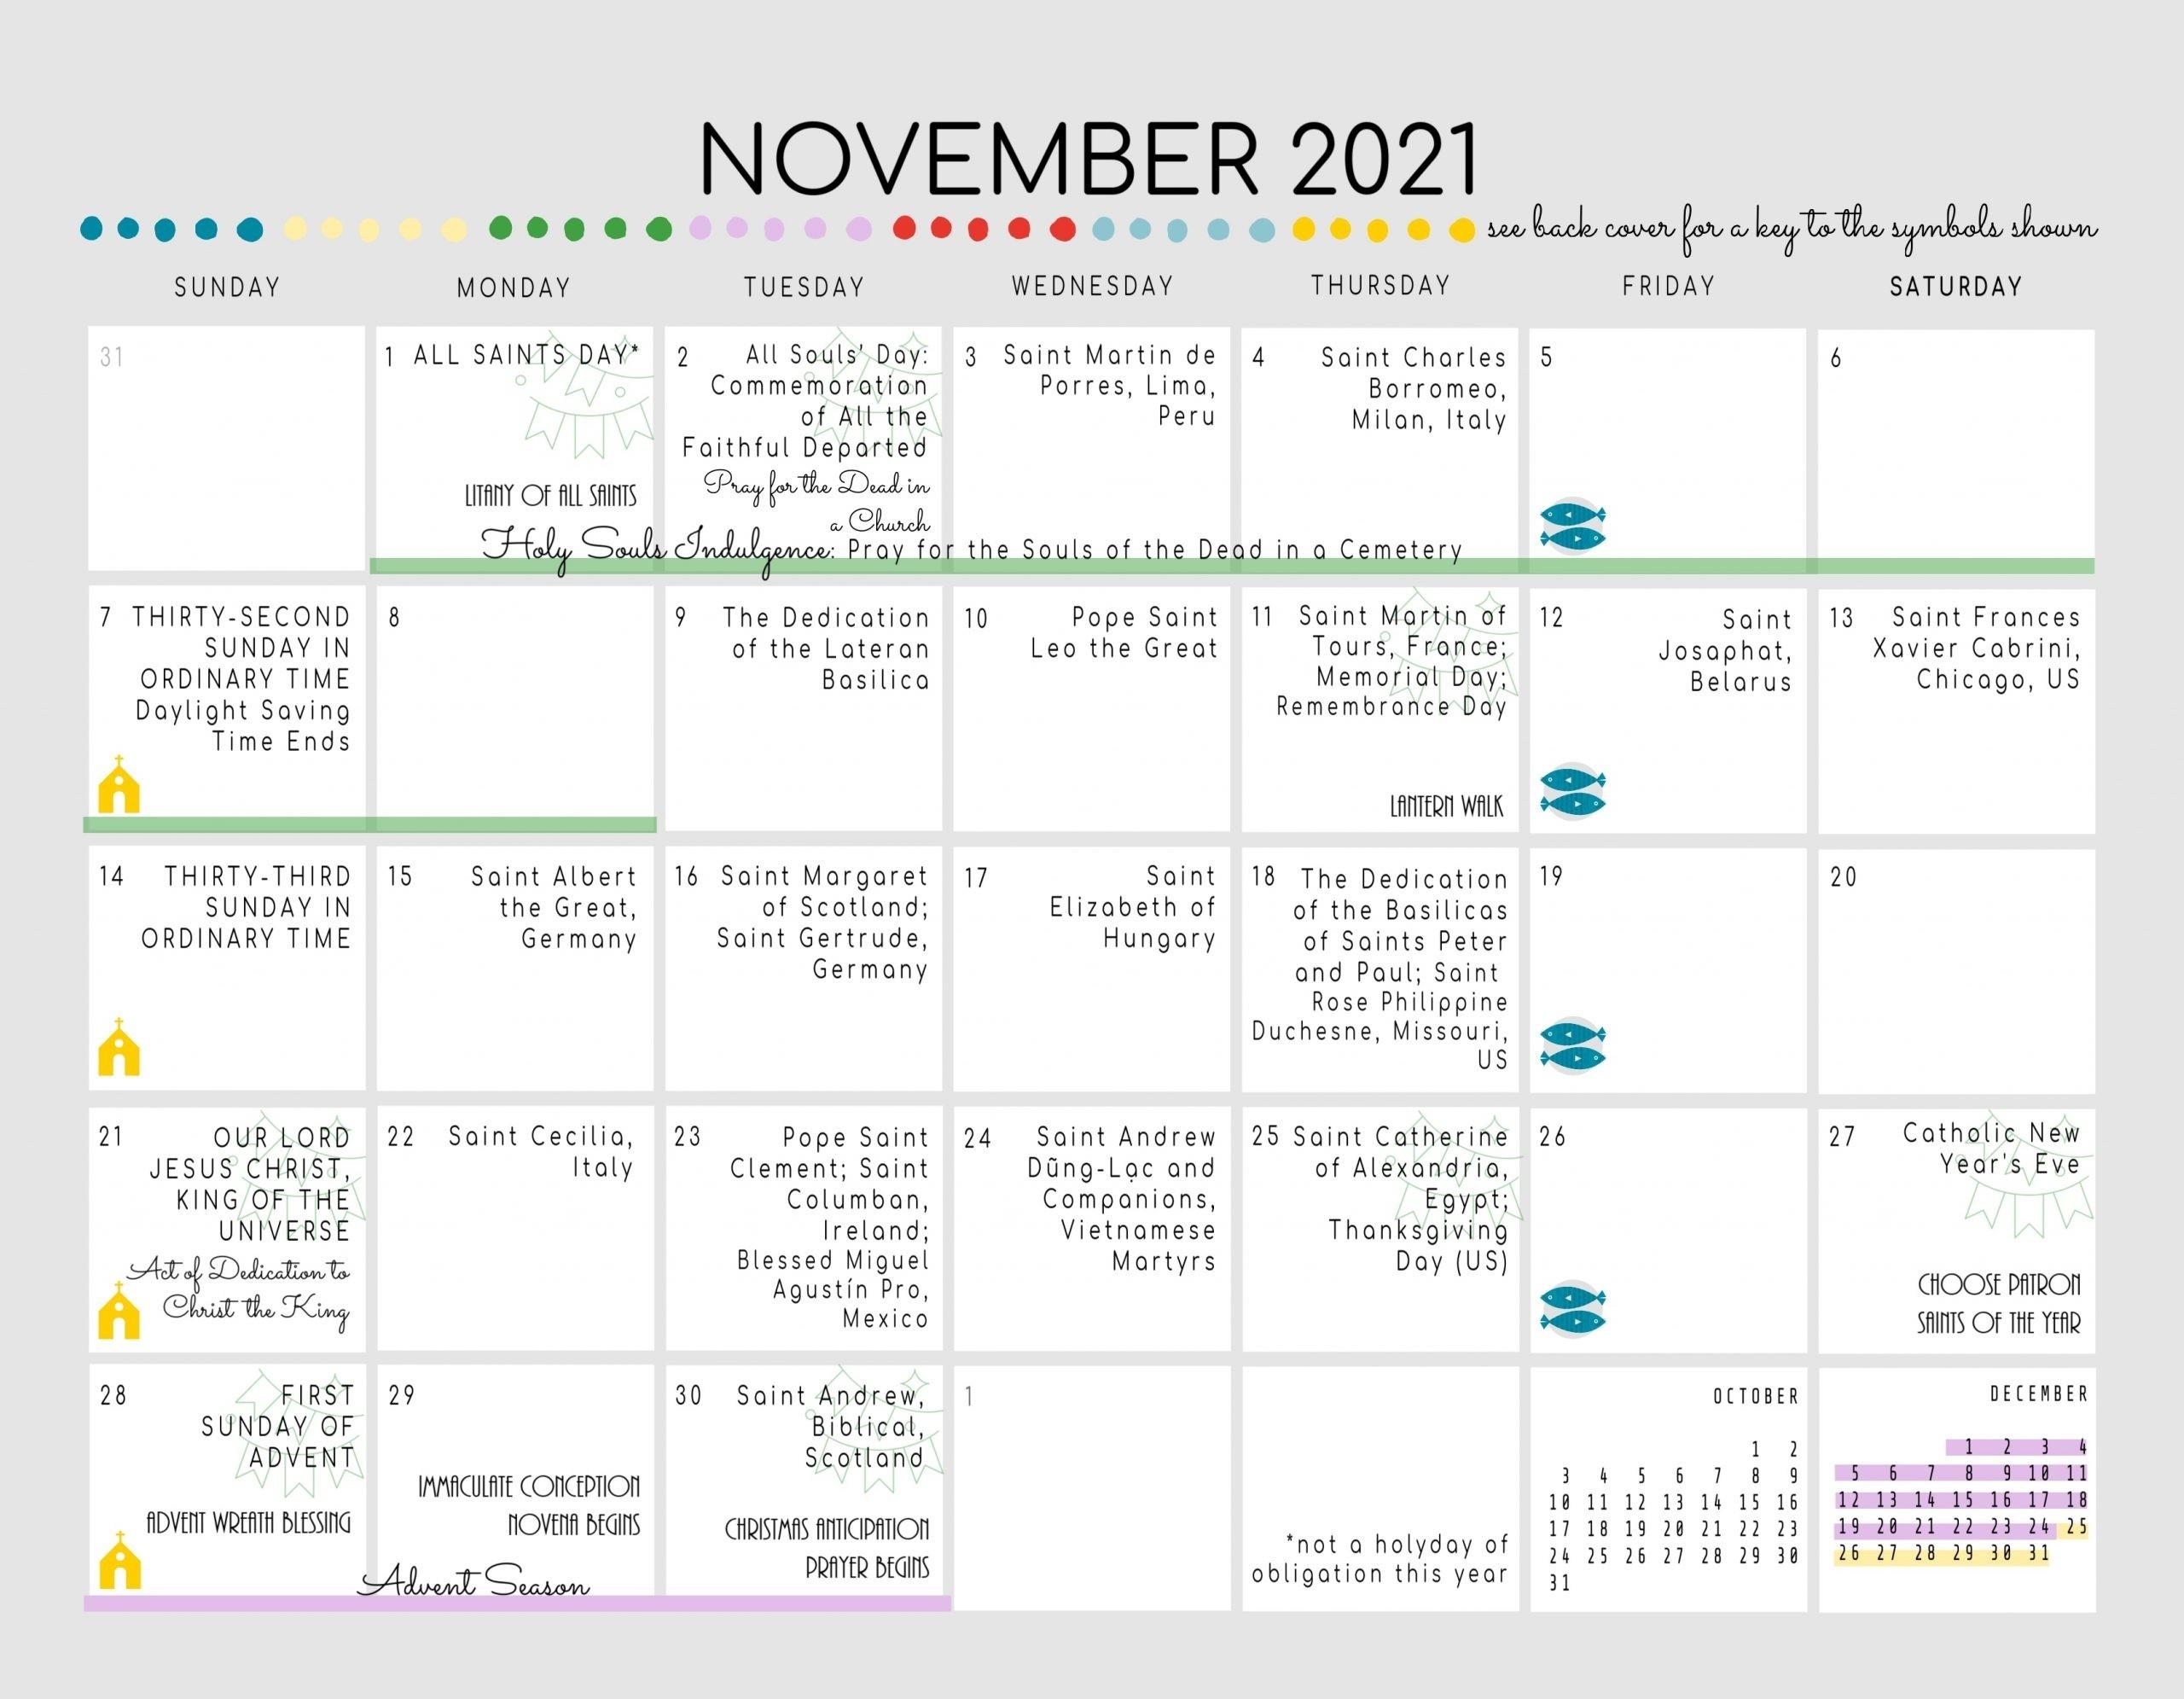 Catholic All Year 2021 Liturgical Calendar With Prayer Art *Digital  Download*-Catholic Church Year 2021